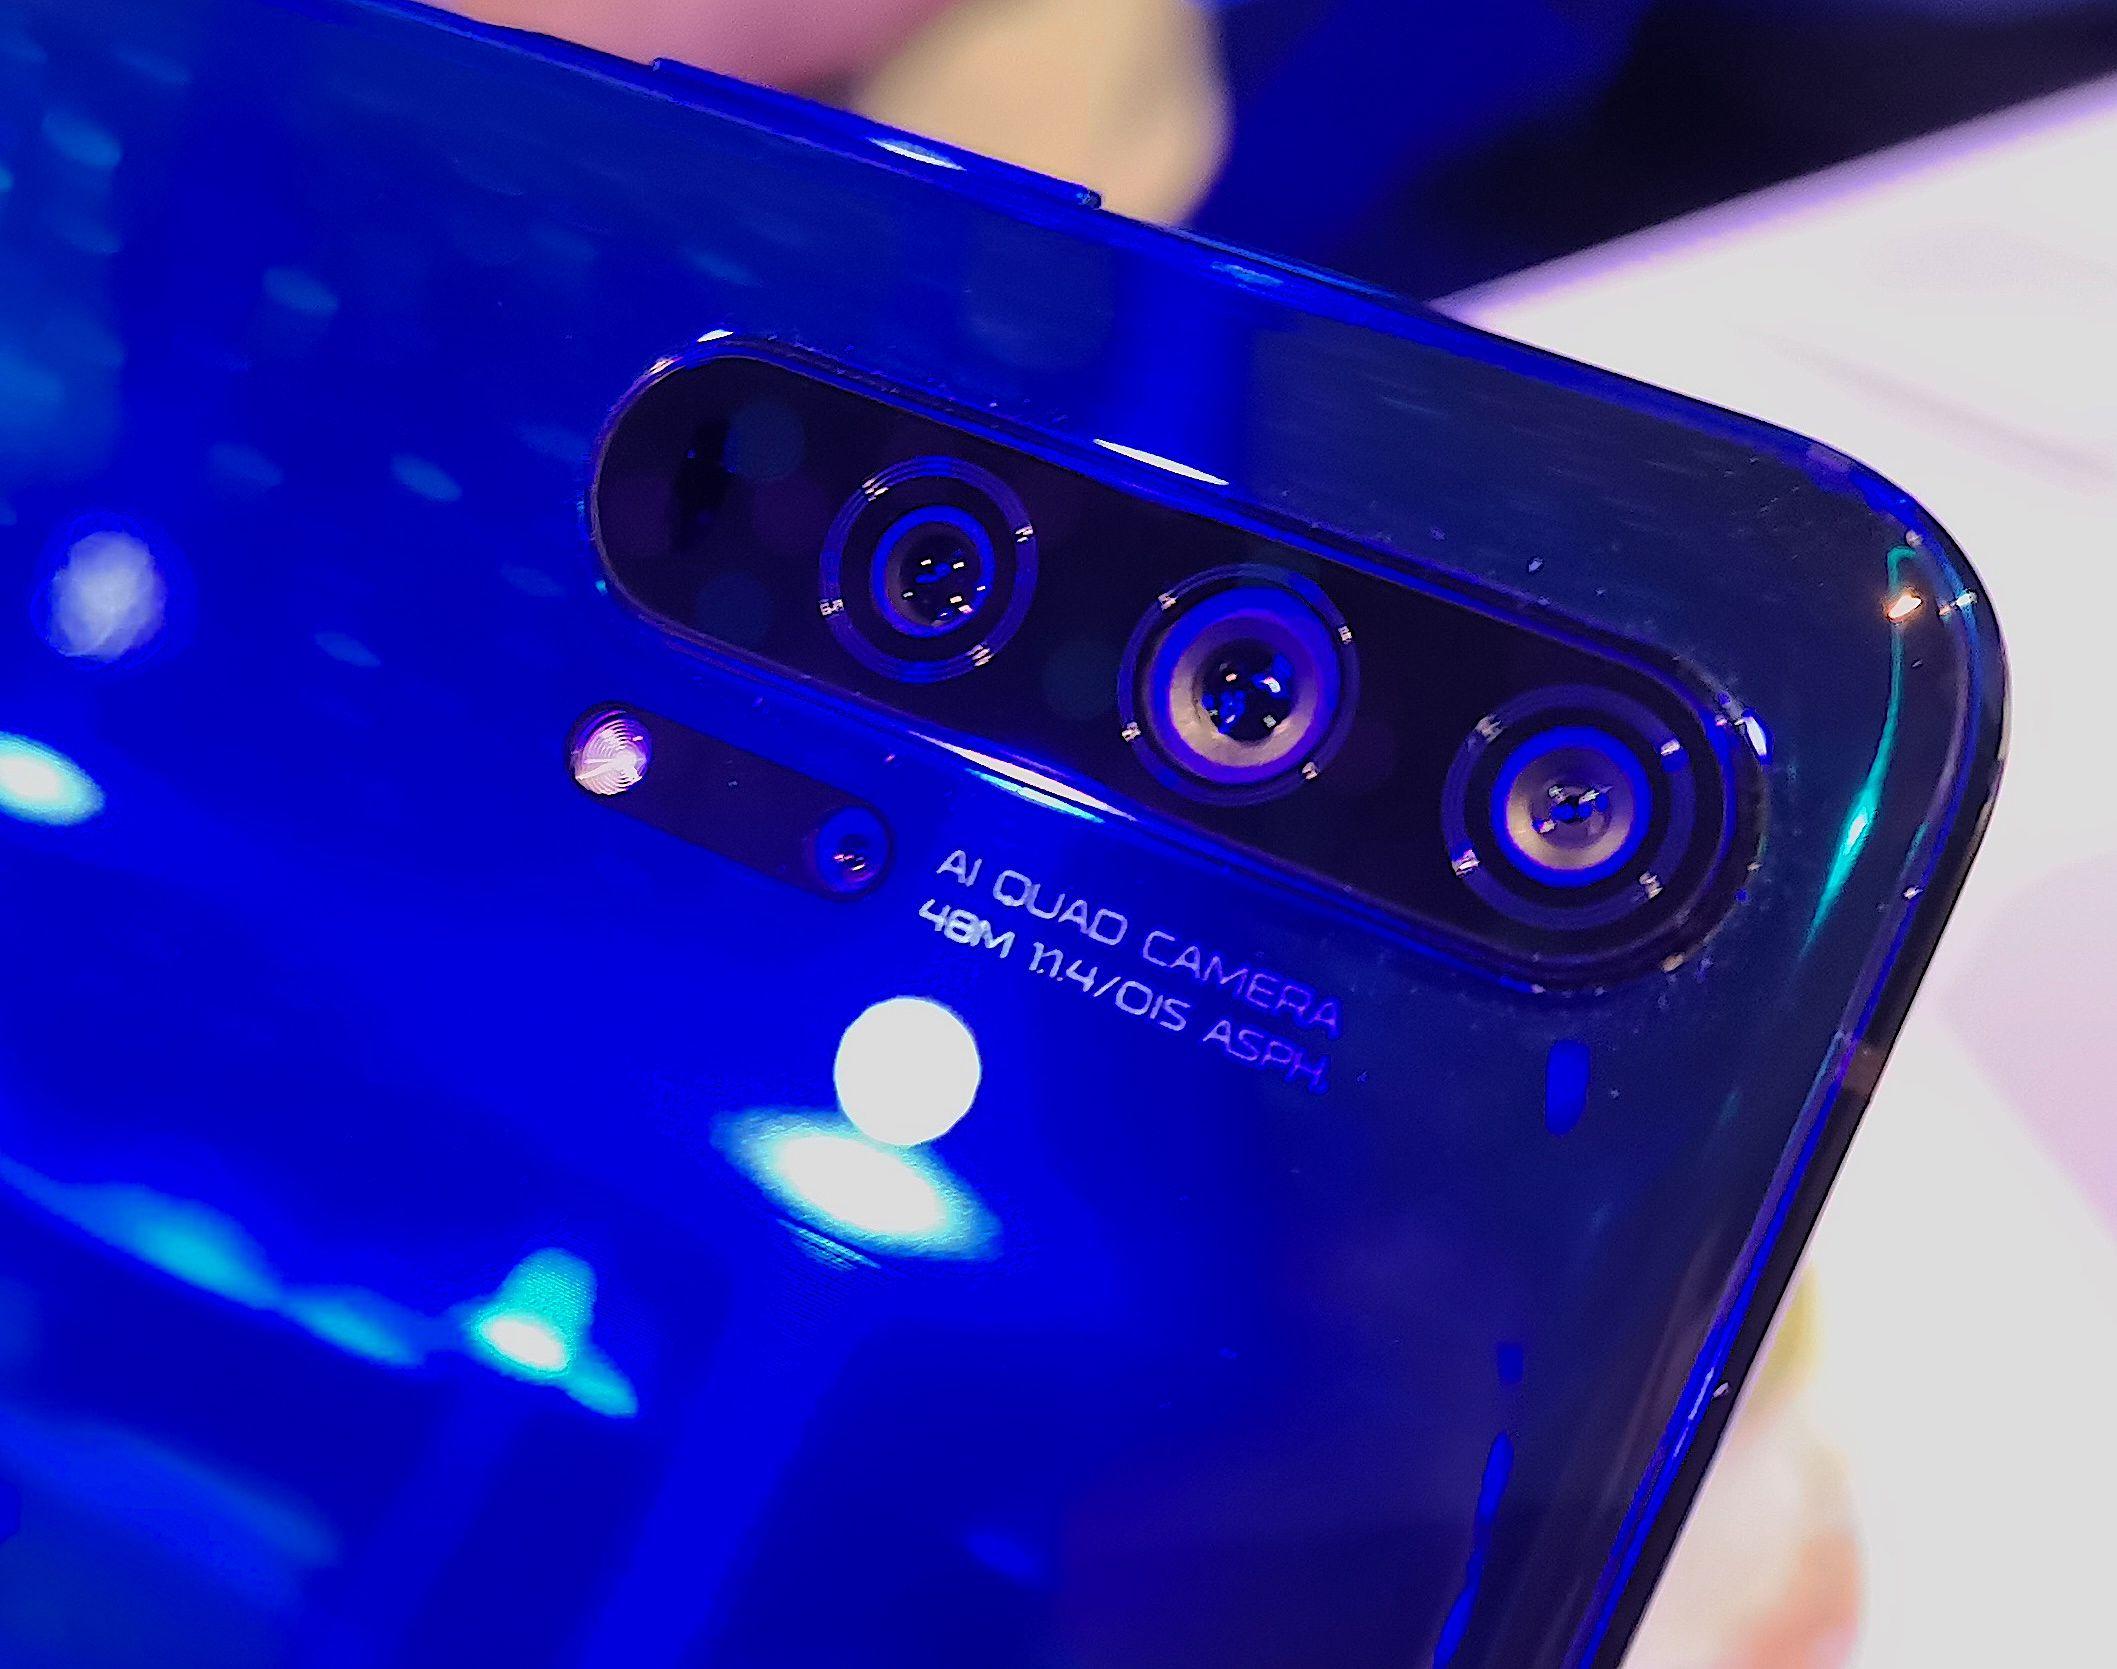 Honor 20 Prossa on pääkameran lisäksi ultralaajakulmakamera ja telekamera. Nelikon täydentää makrokamera.